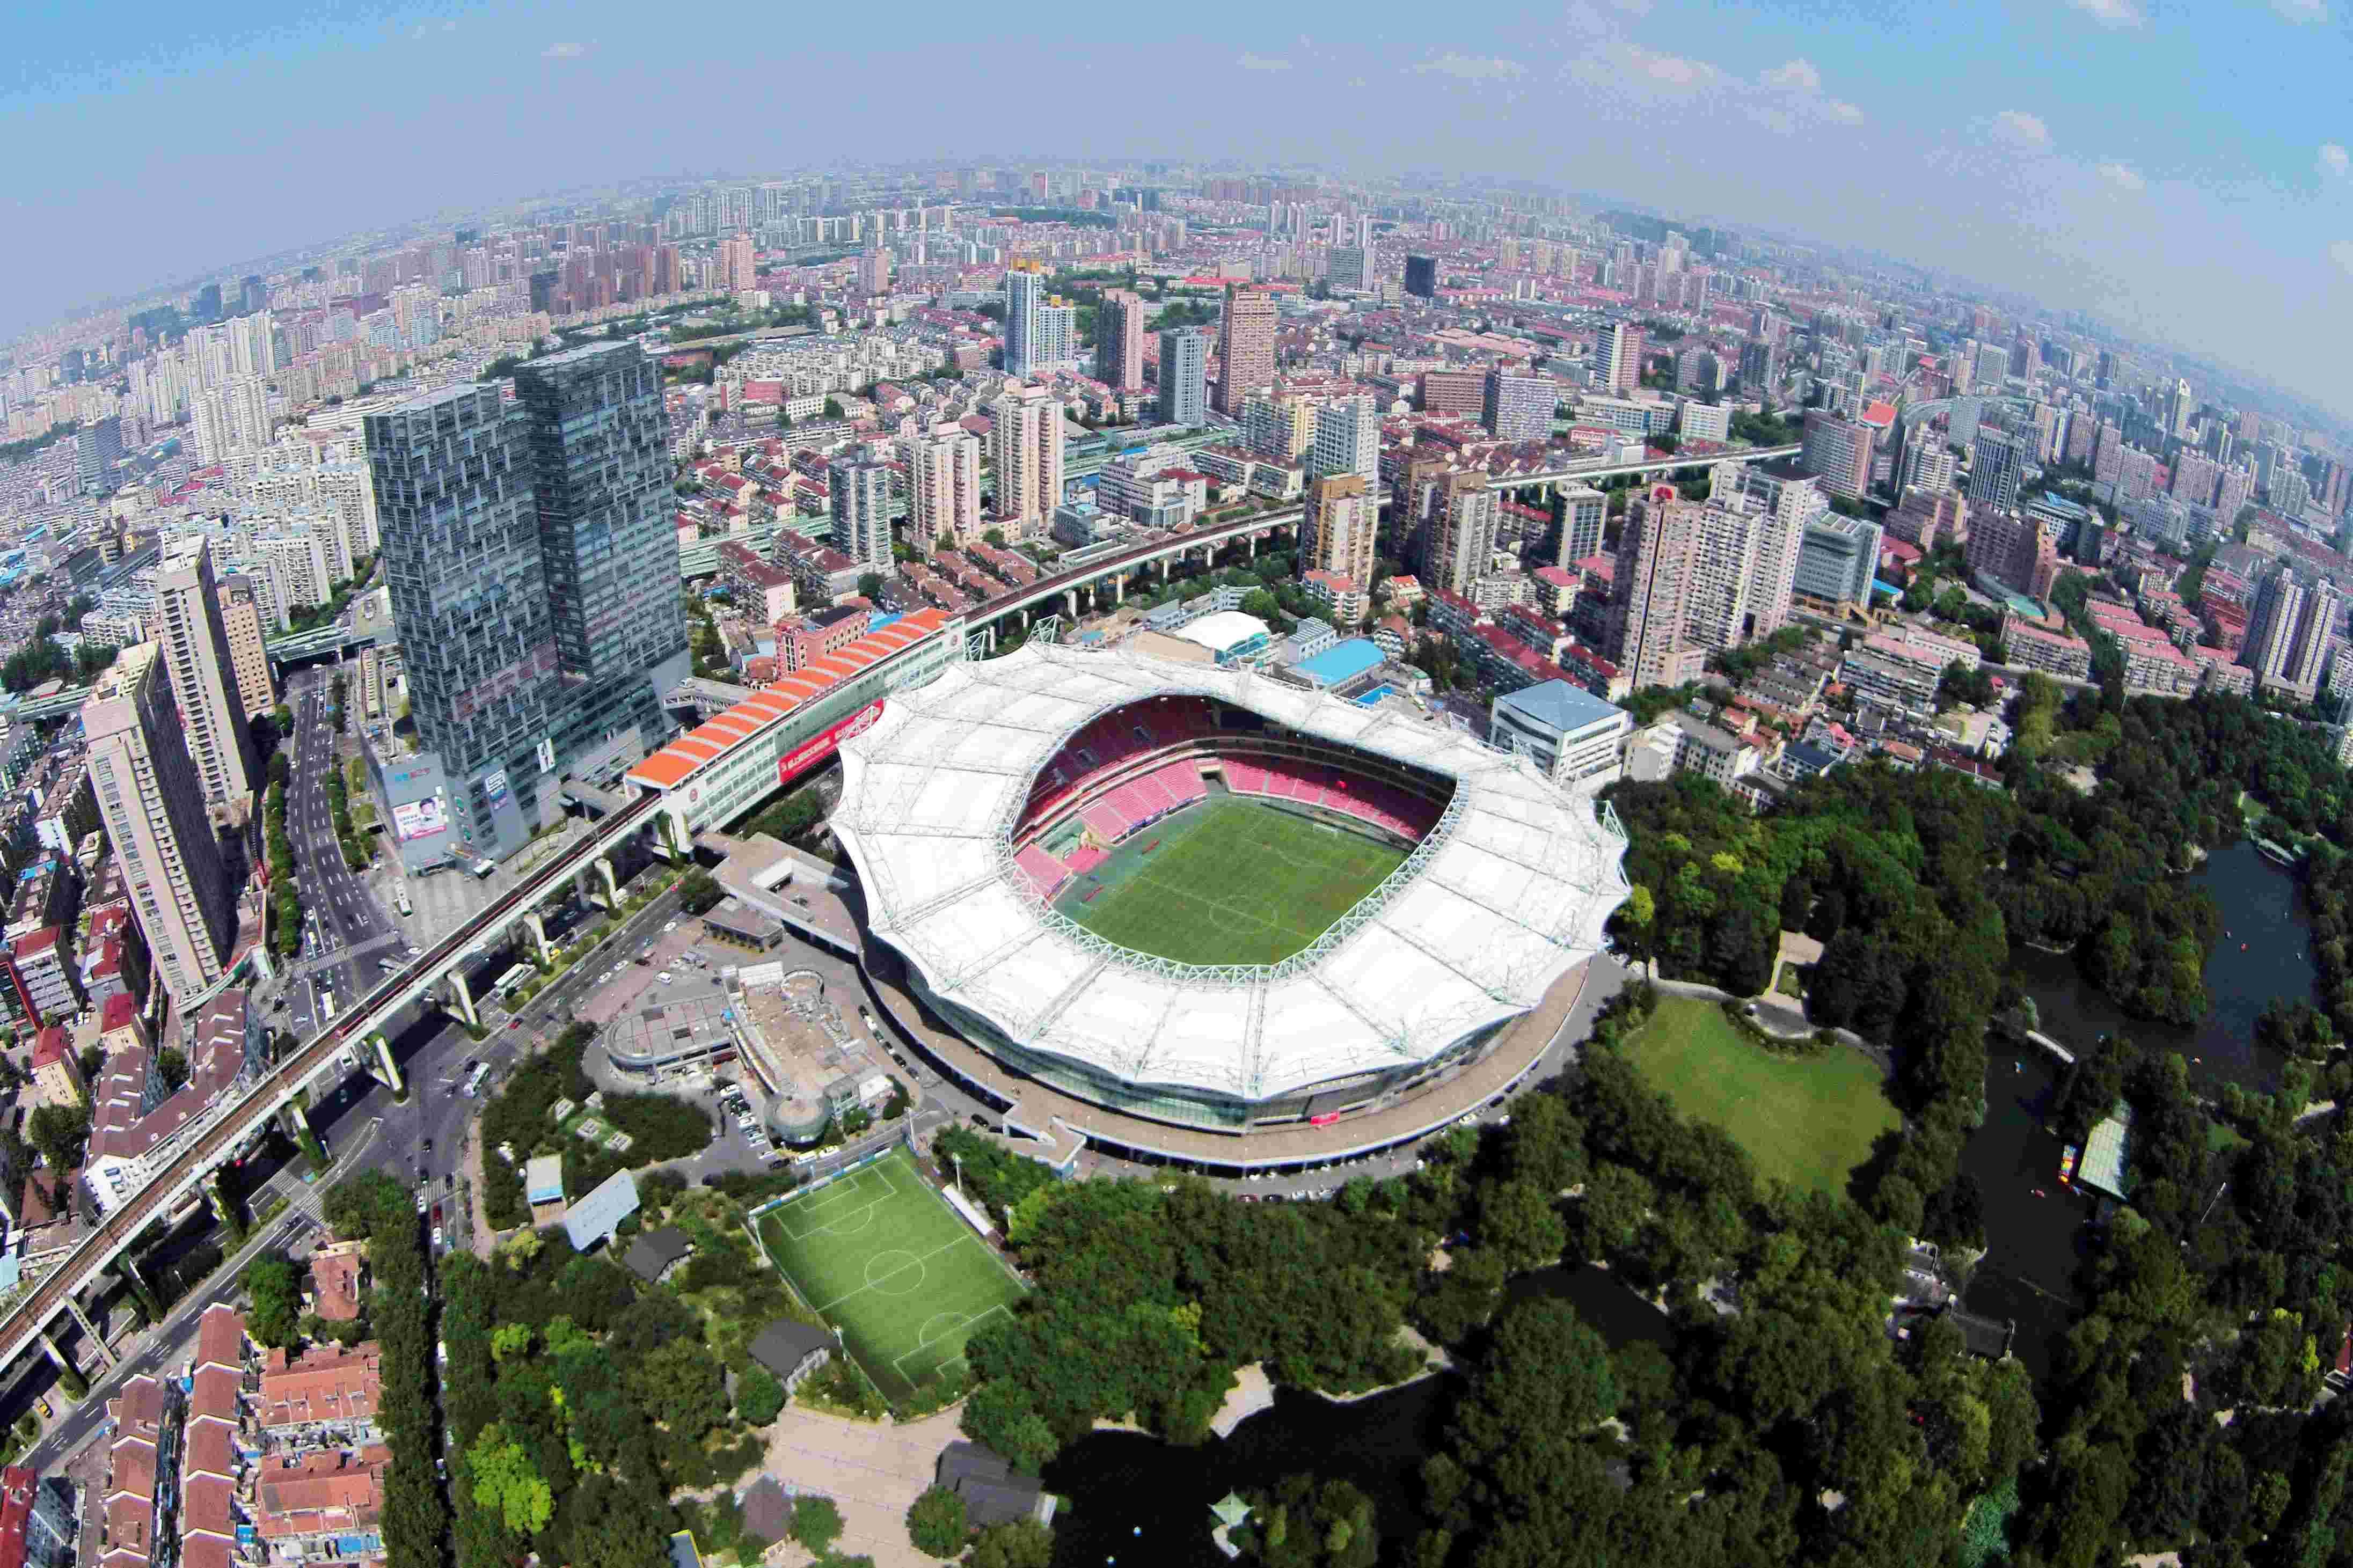 上海,2015年9月11日   飞眼瞰上海   8月19日航拍的上海虹口足球场